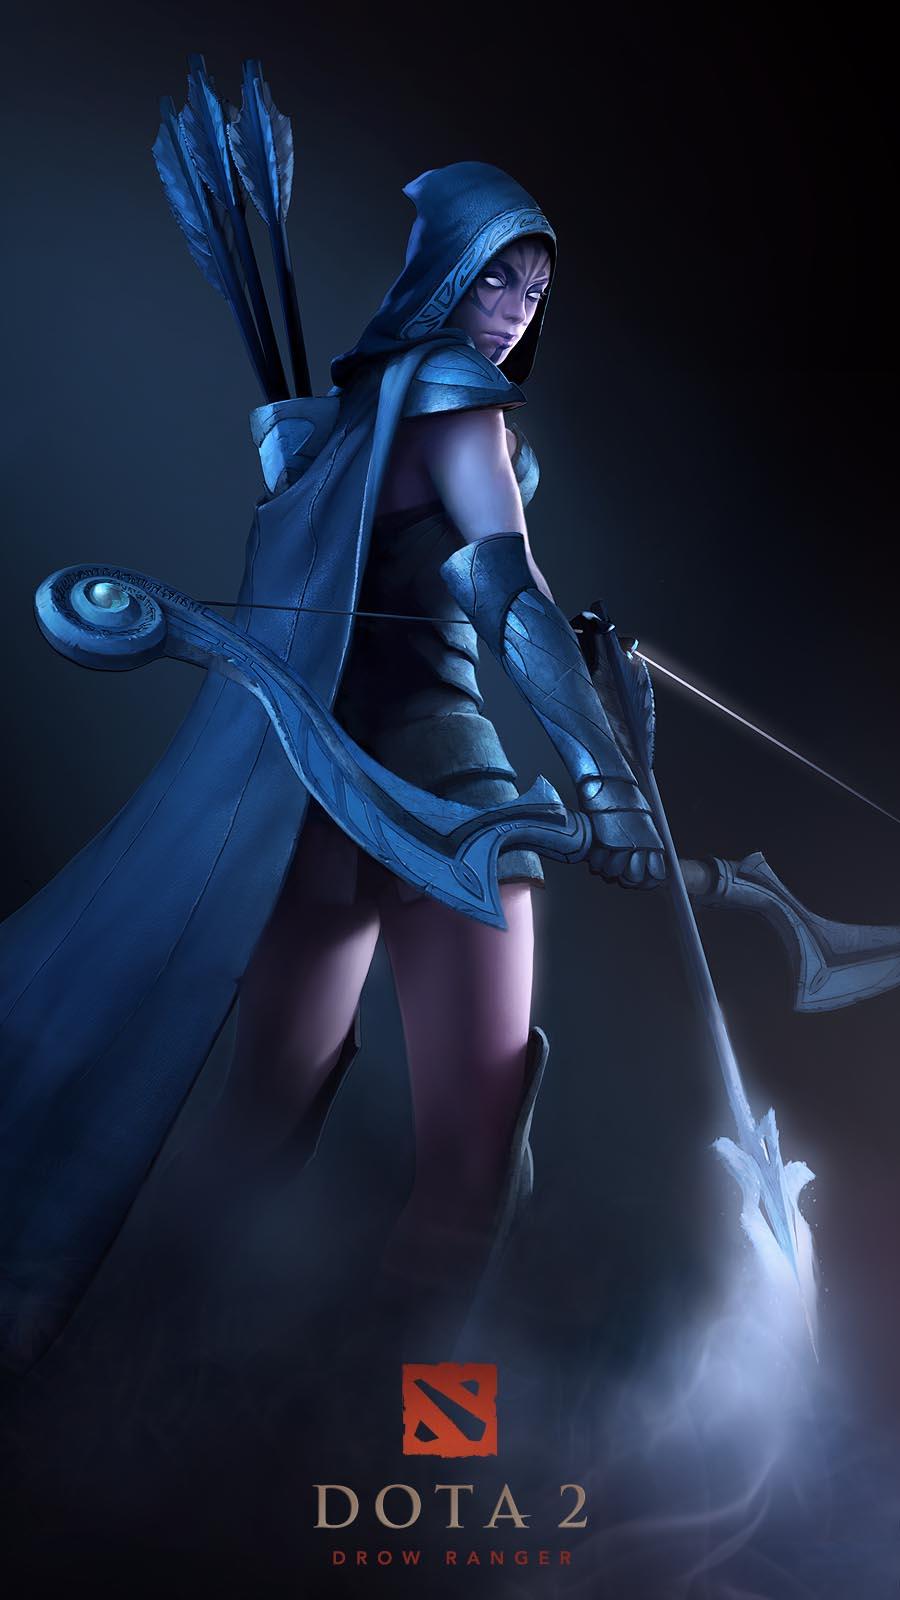 Nejočekávanější hry pro rok 2011 podle ySpirita 20594